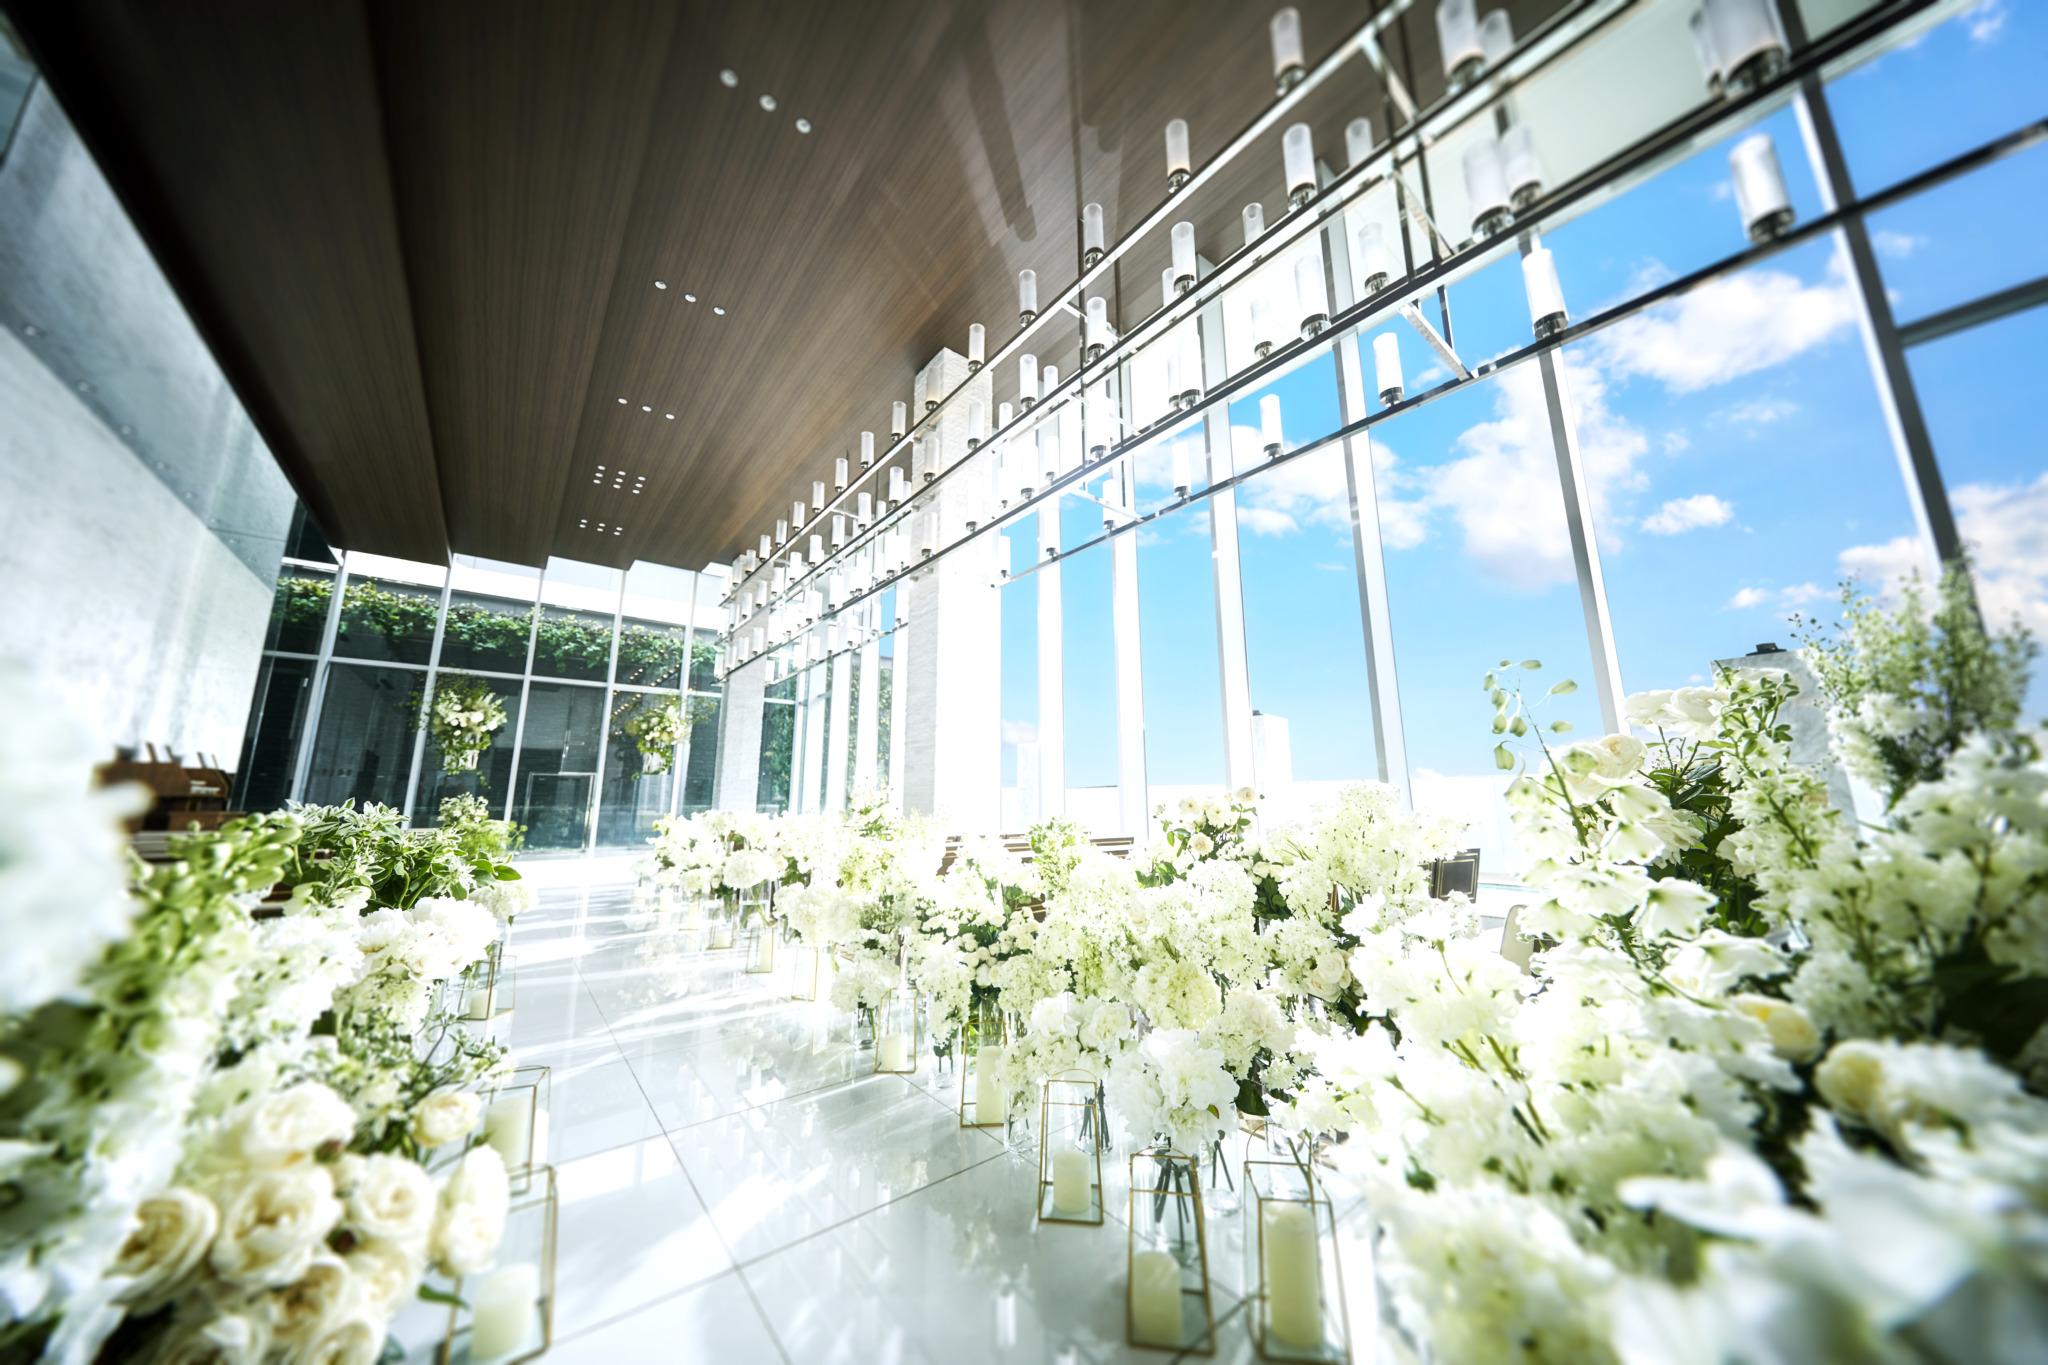 2面の大きな窓の向こうに緑と青空、大阪の街が広がる開放的なチャペル